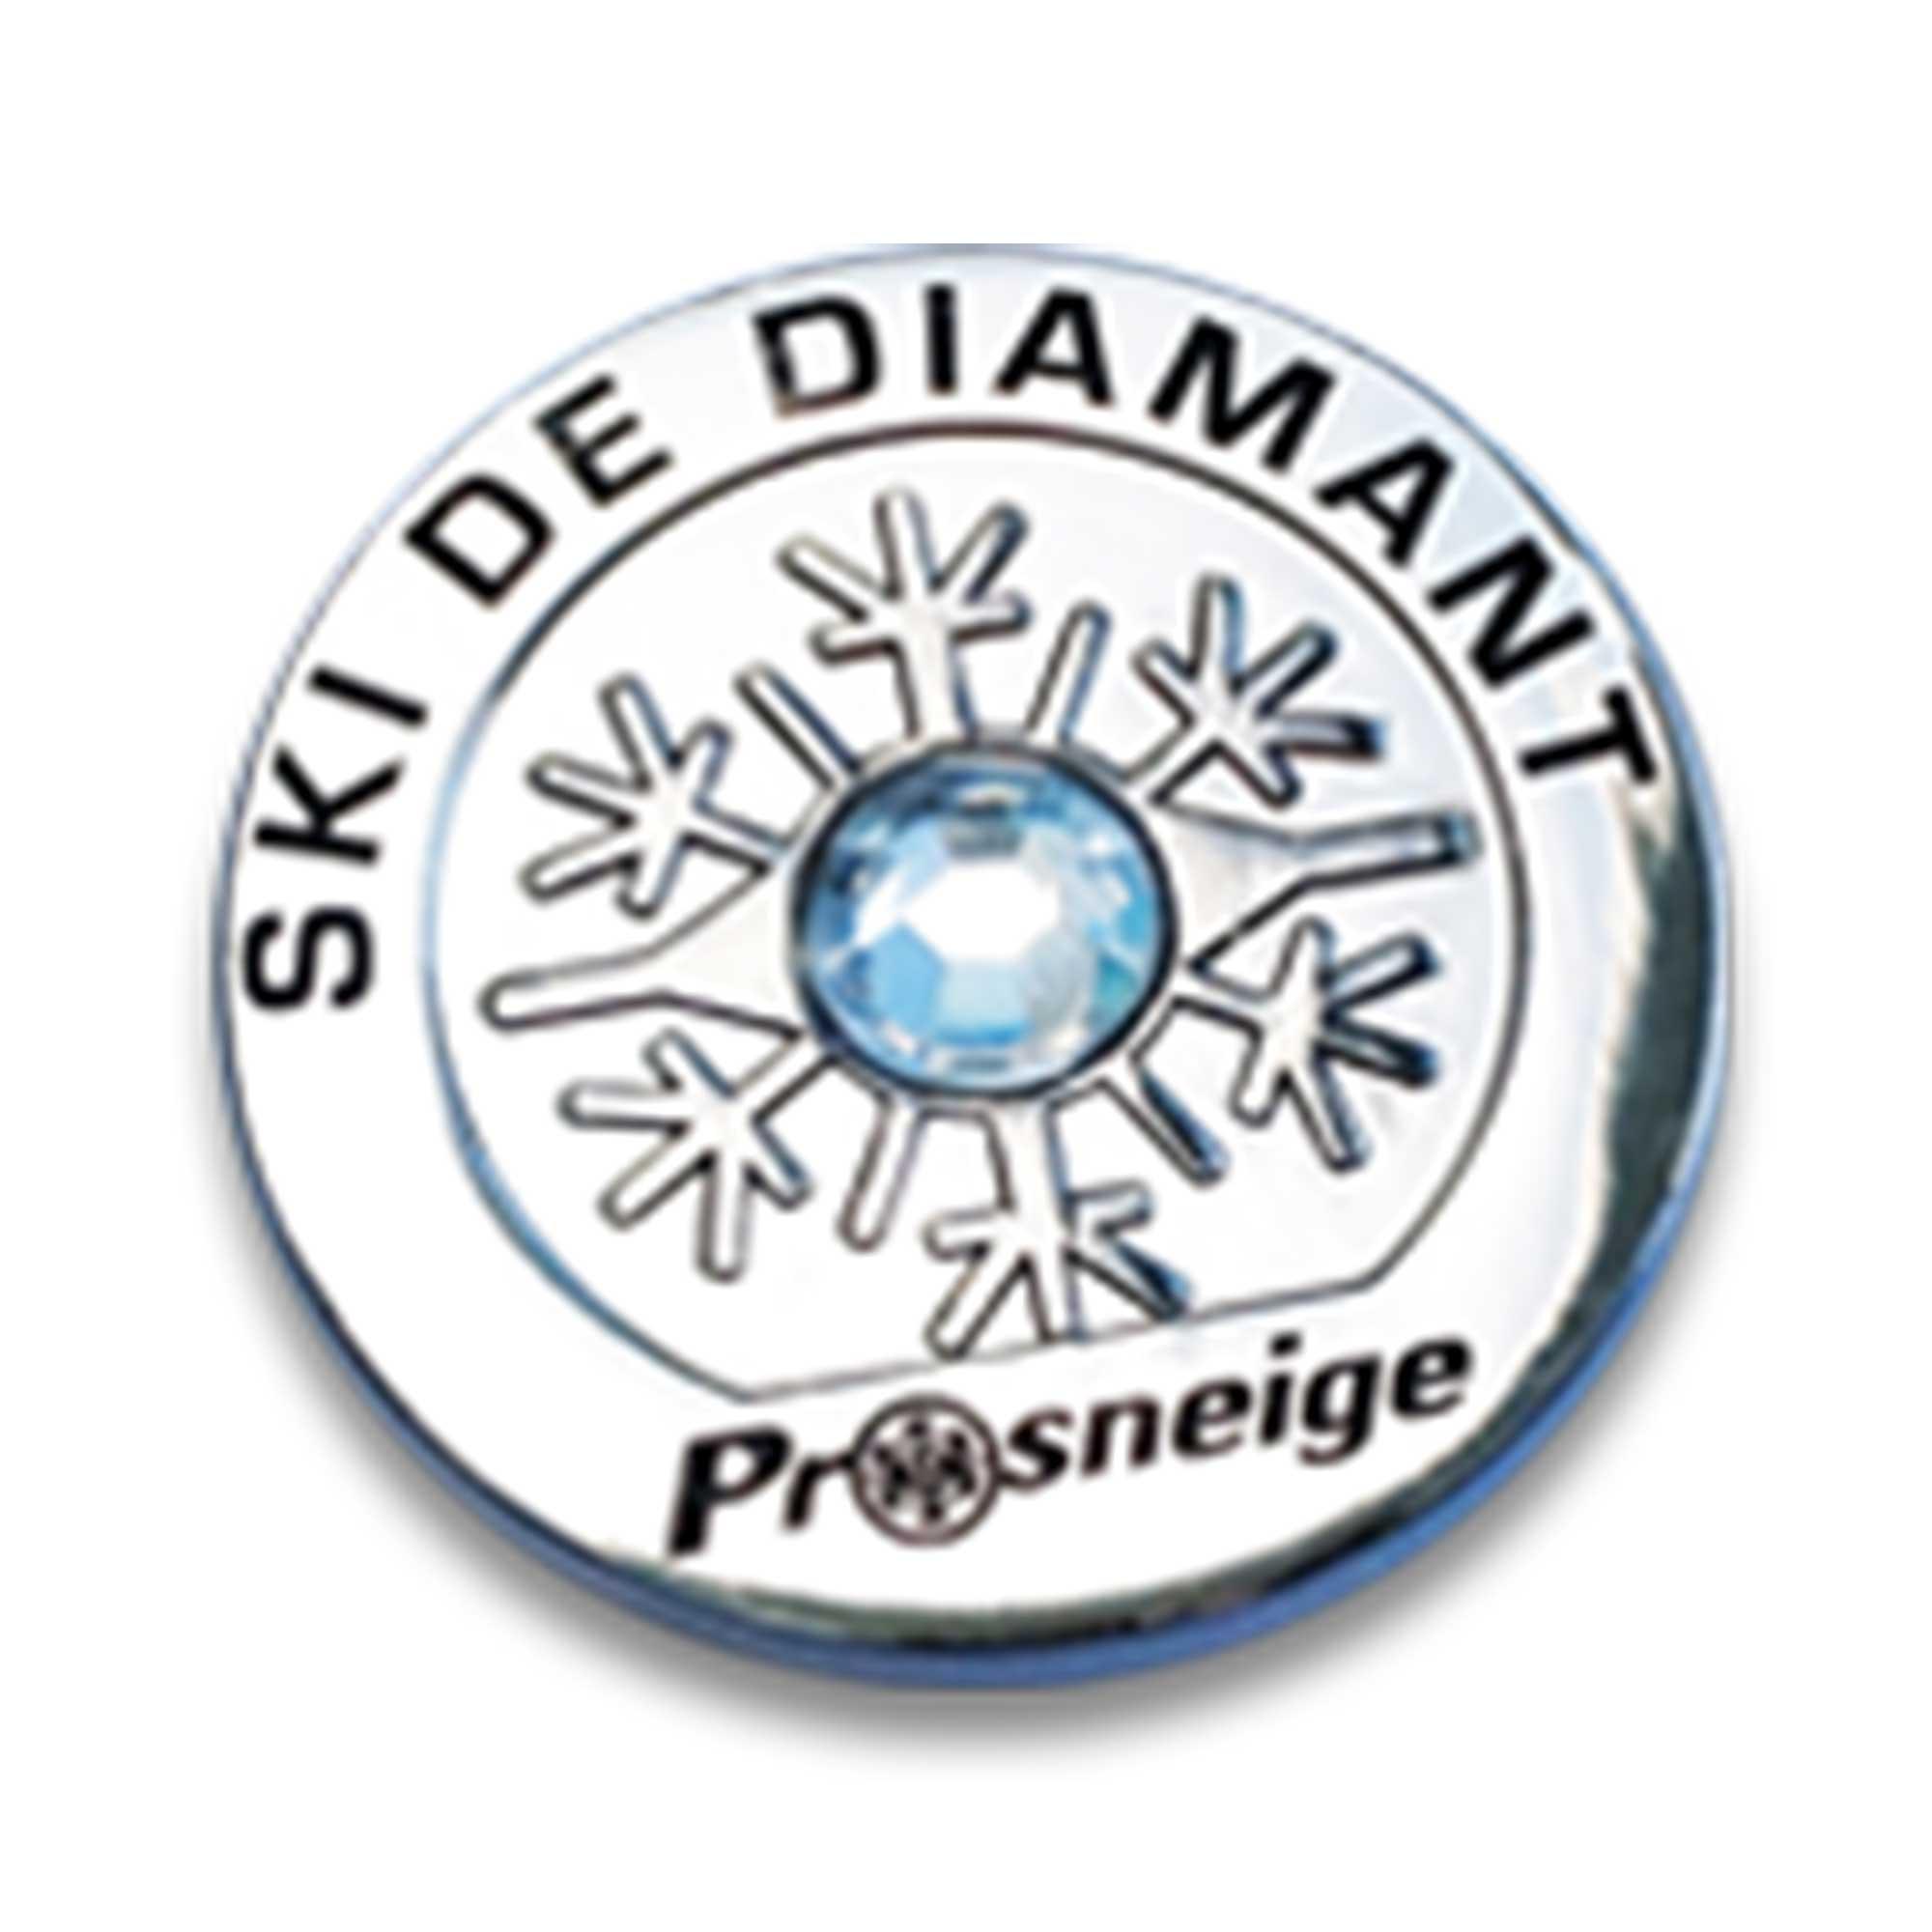 ski de diamant